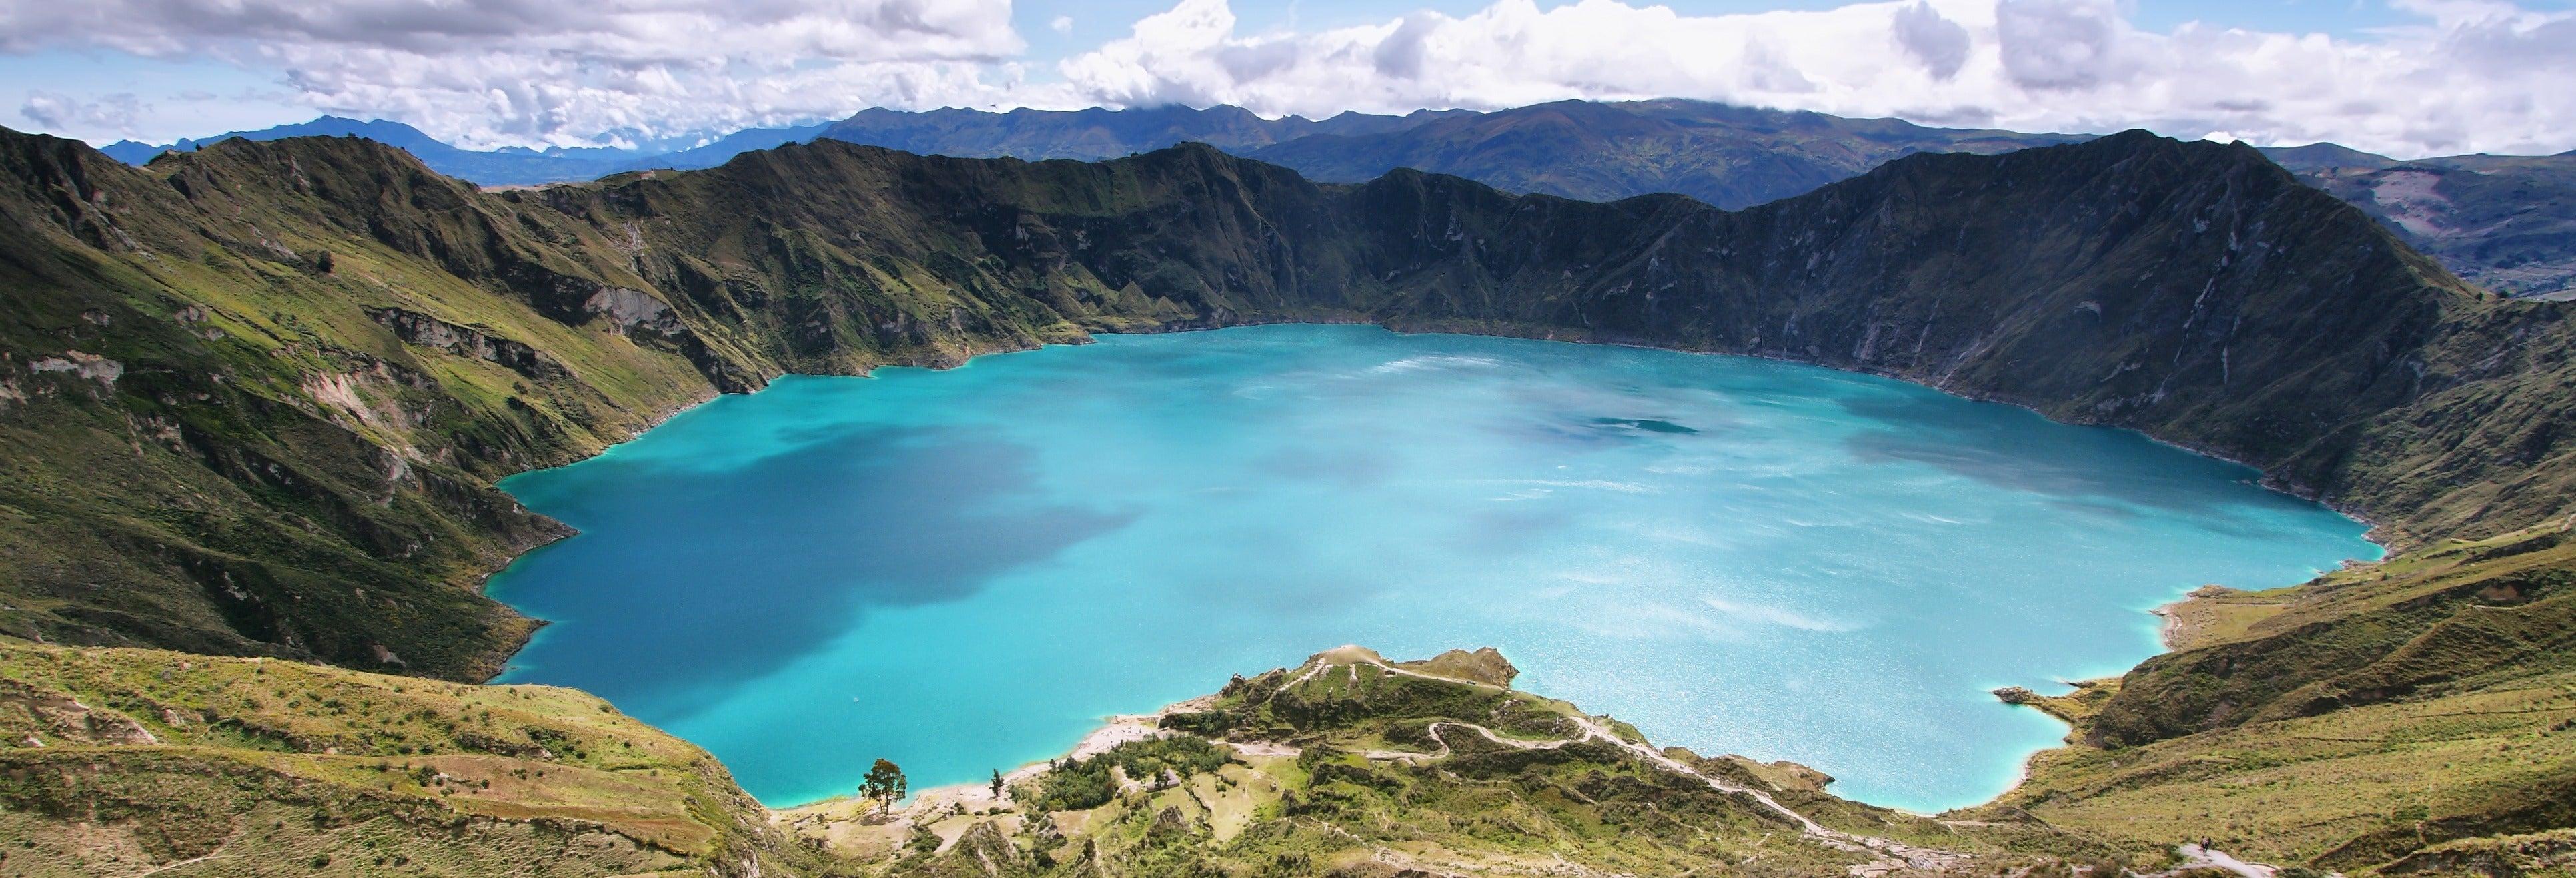 Excursão à lagoa de Quilotoa